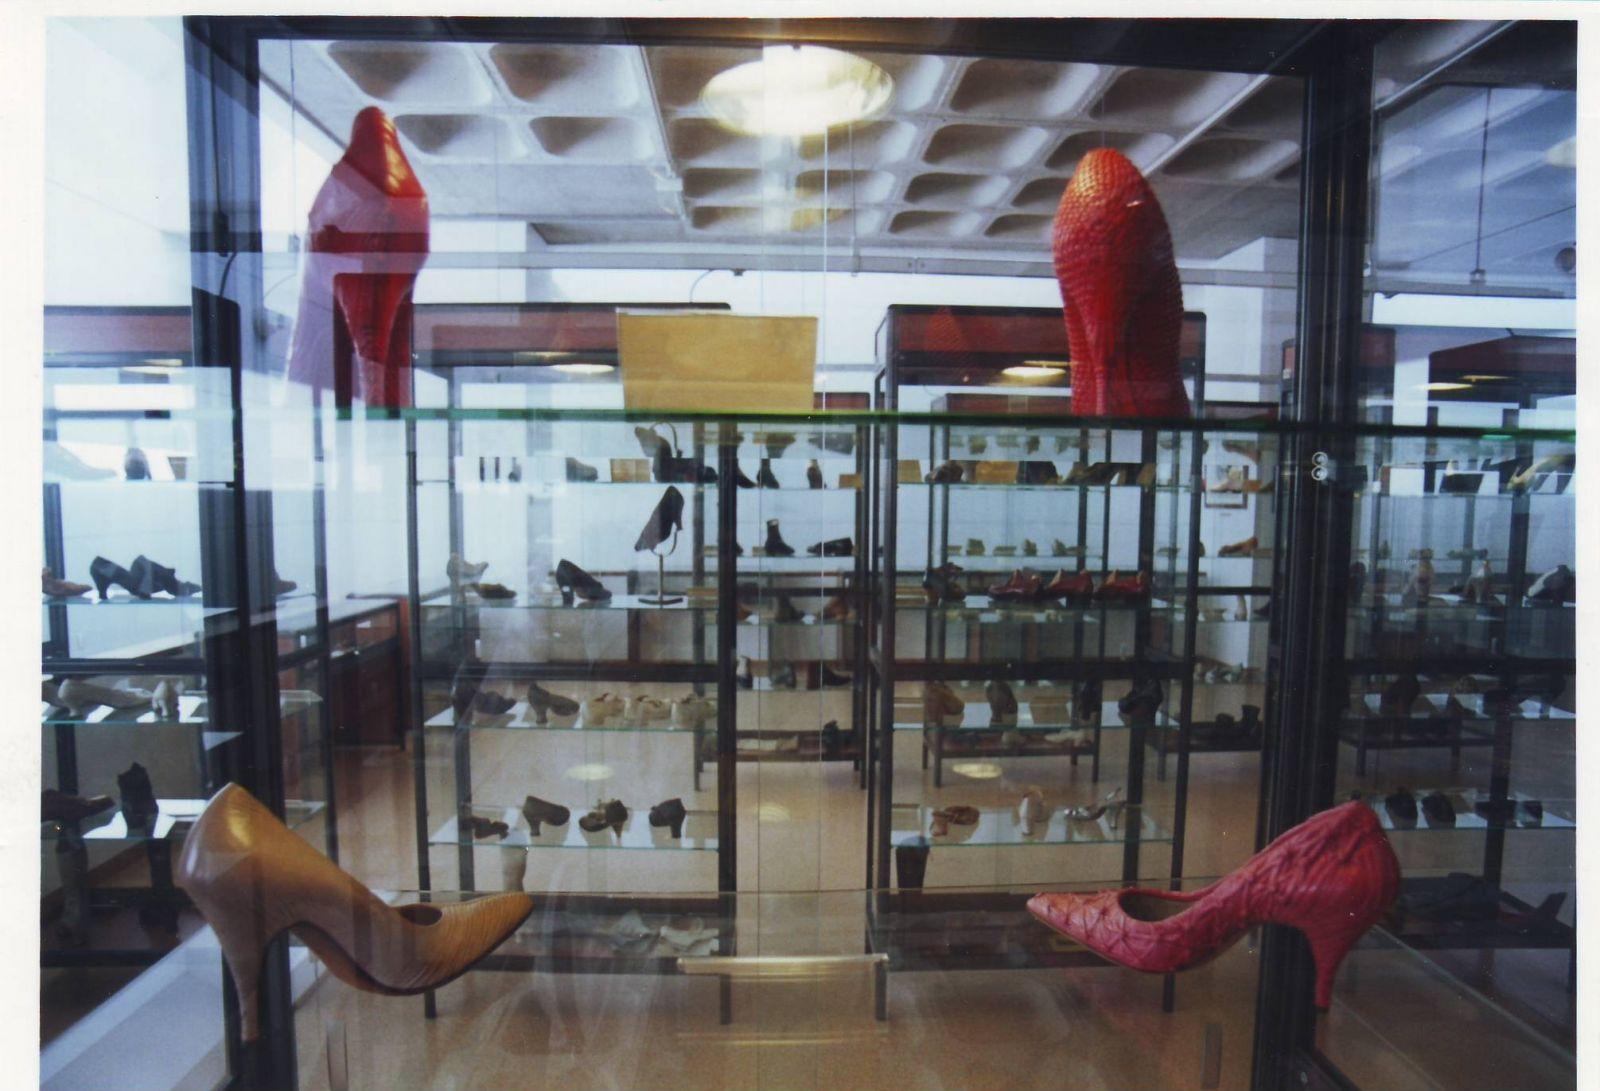 Vista parcial de la sala que contiene las colecciones de zapatos